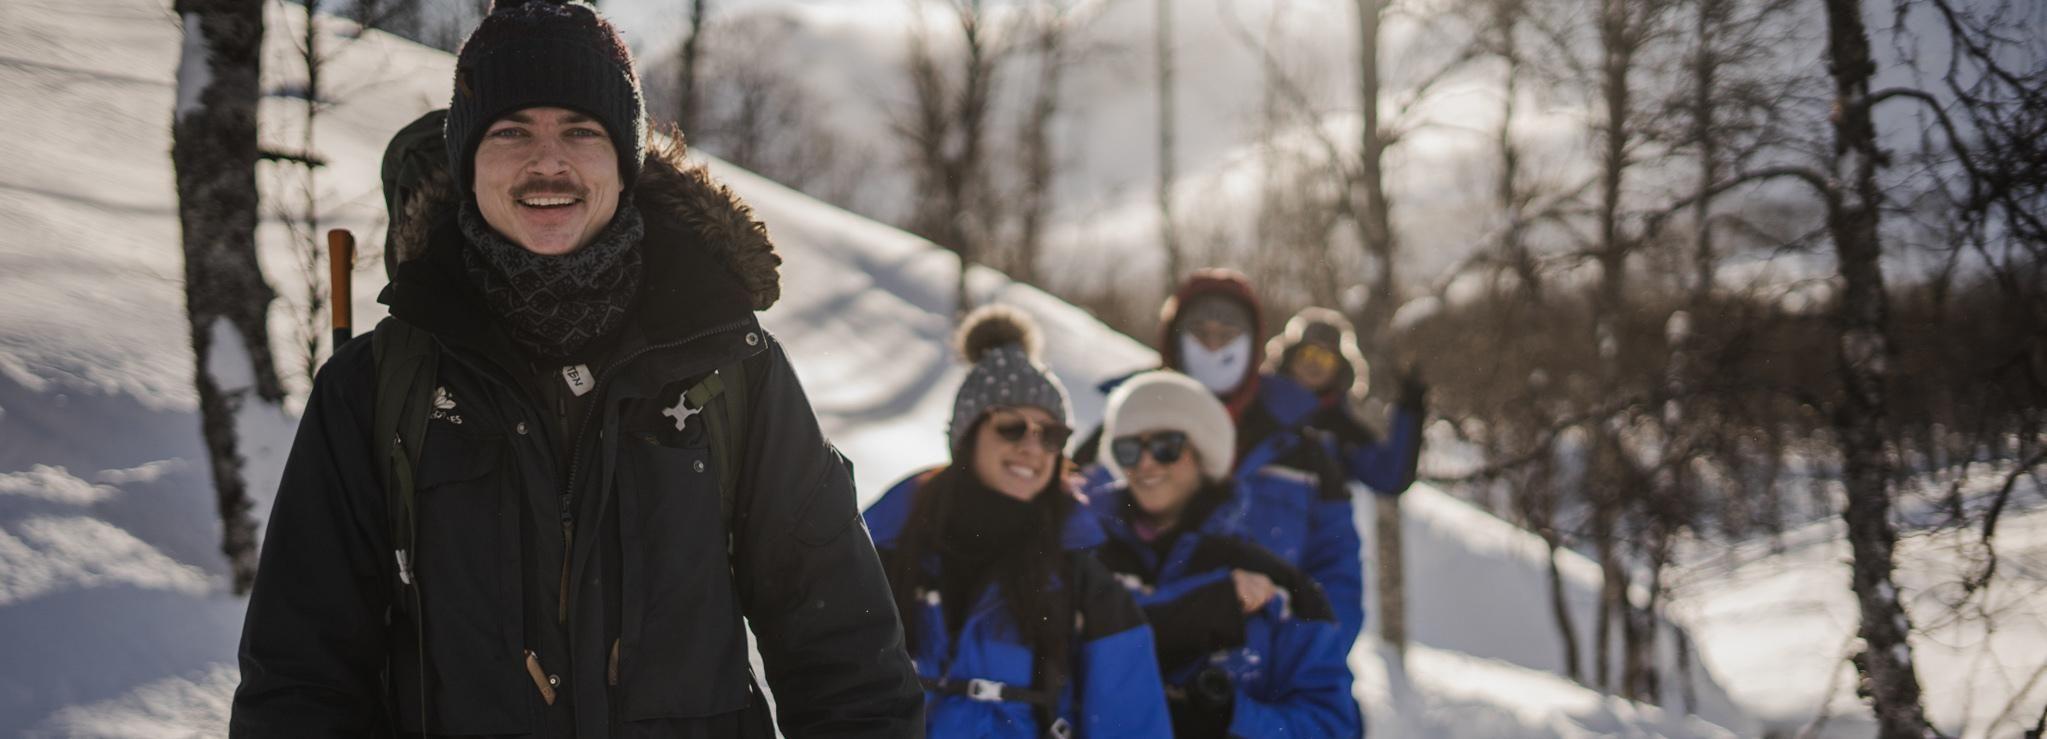 Tromsø: sneeuwschoenervaring, Ice Domes en rendieren voeren